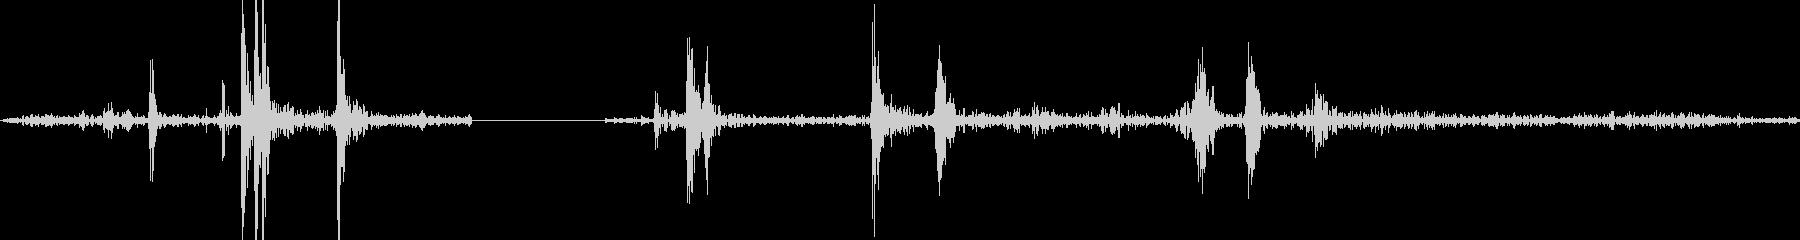 カシャッ(カメラシャッター音の未再生の波形